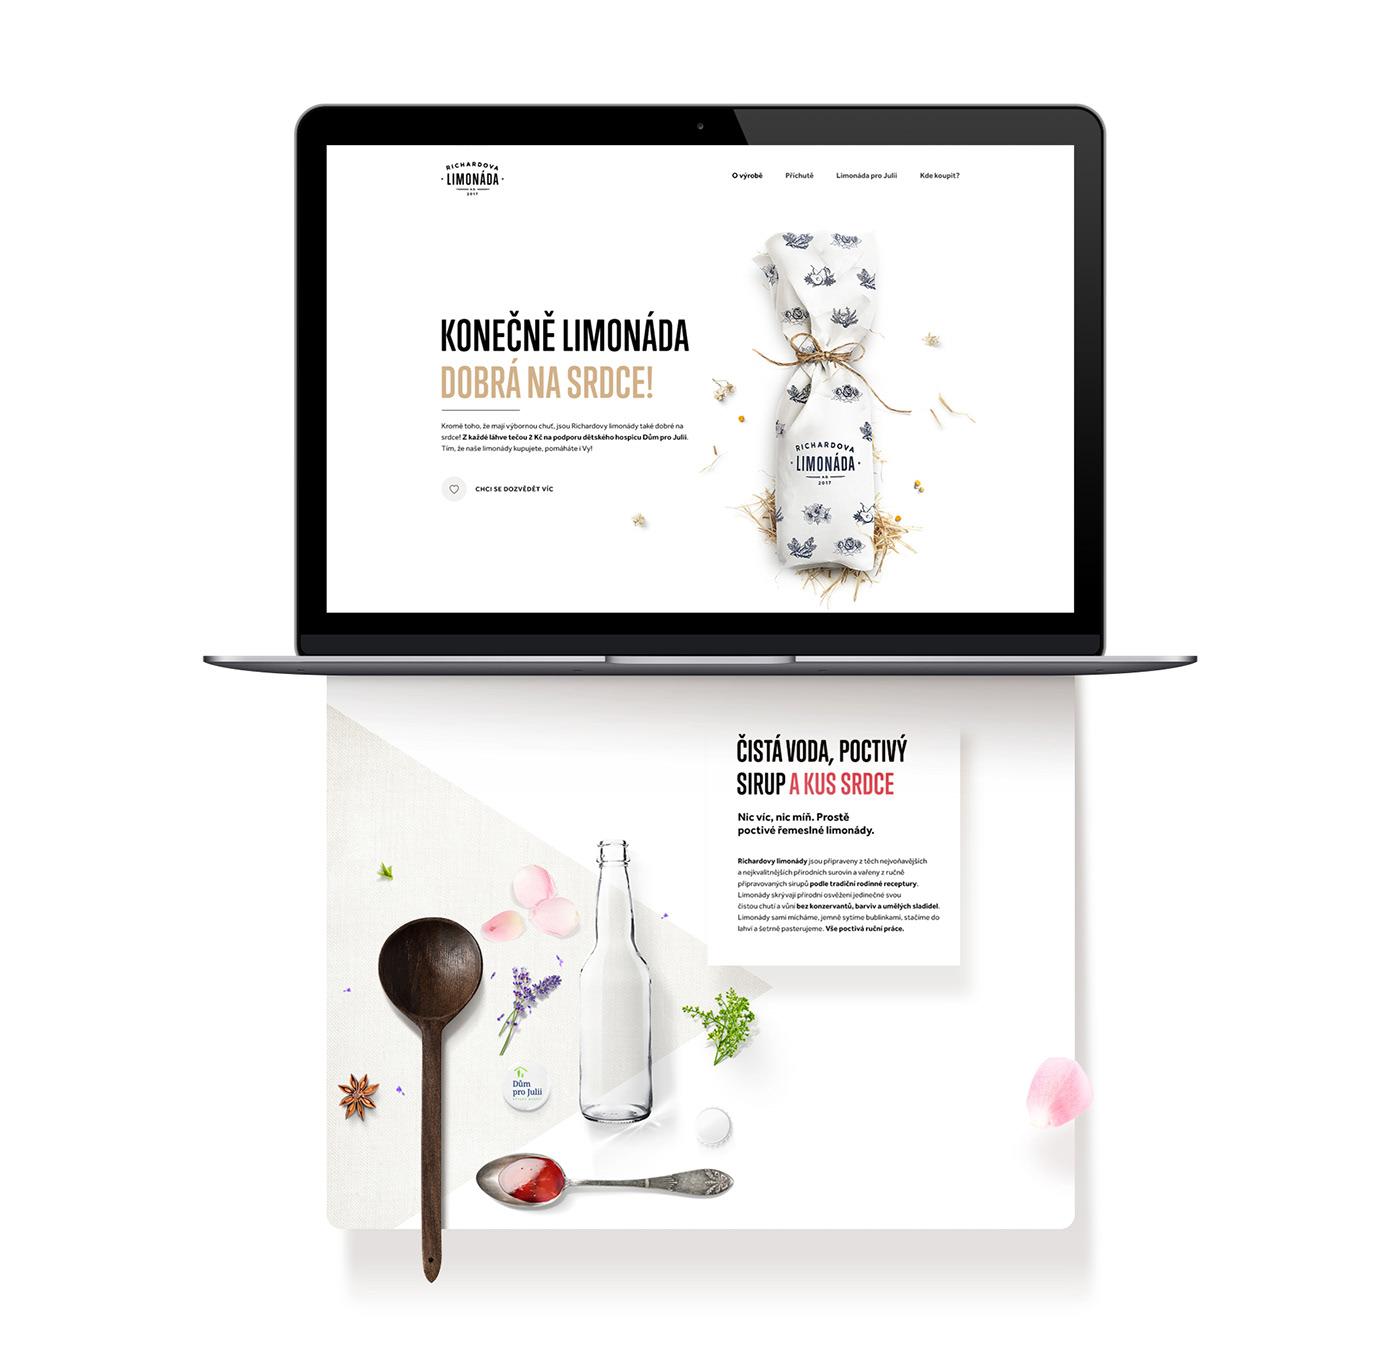 branding  logo package bottle identity Web Design  handmade poster visual drink